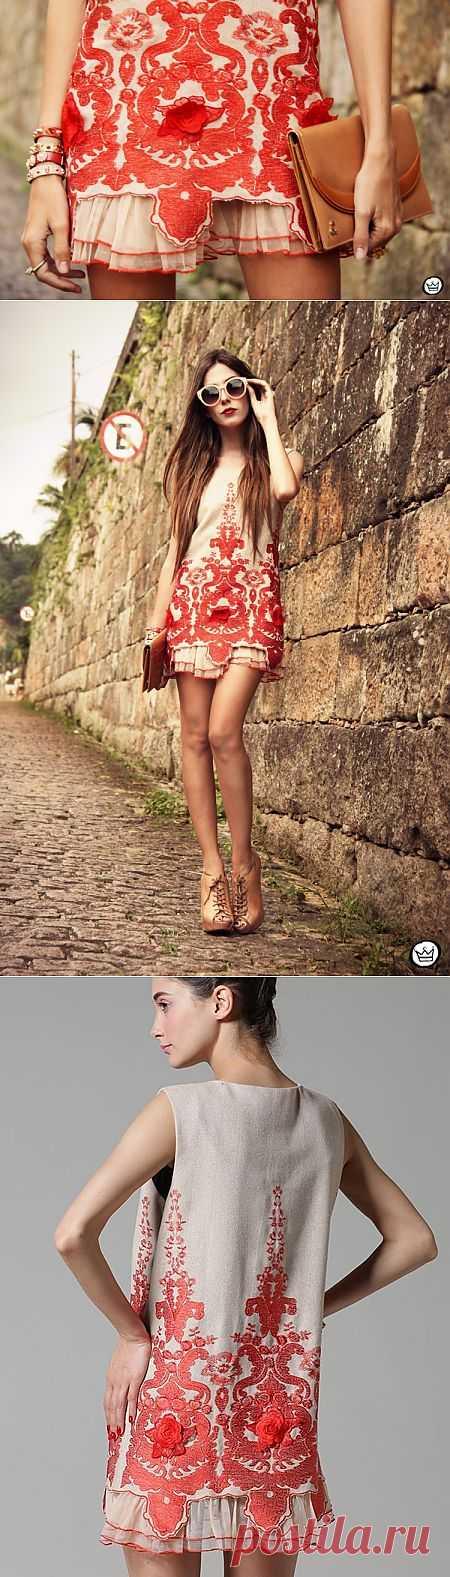 Платье Choies с необычной фактурой / Фактуры / Модный сайт о стильной переделке одежды и интерьера